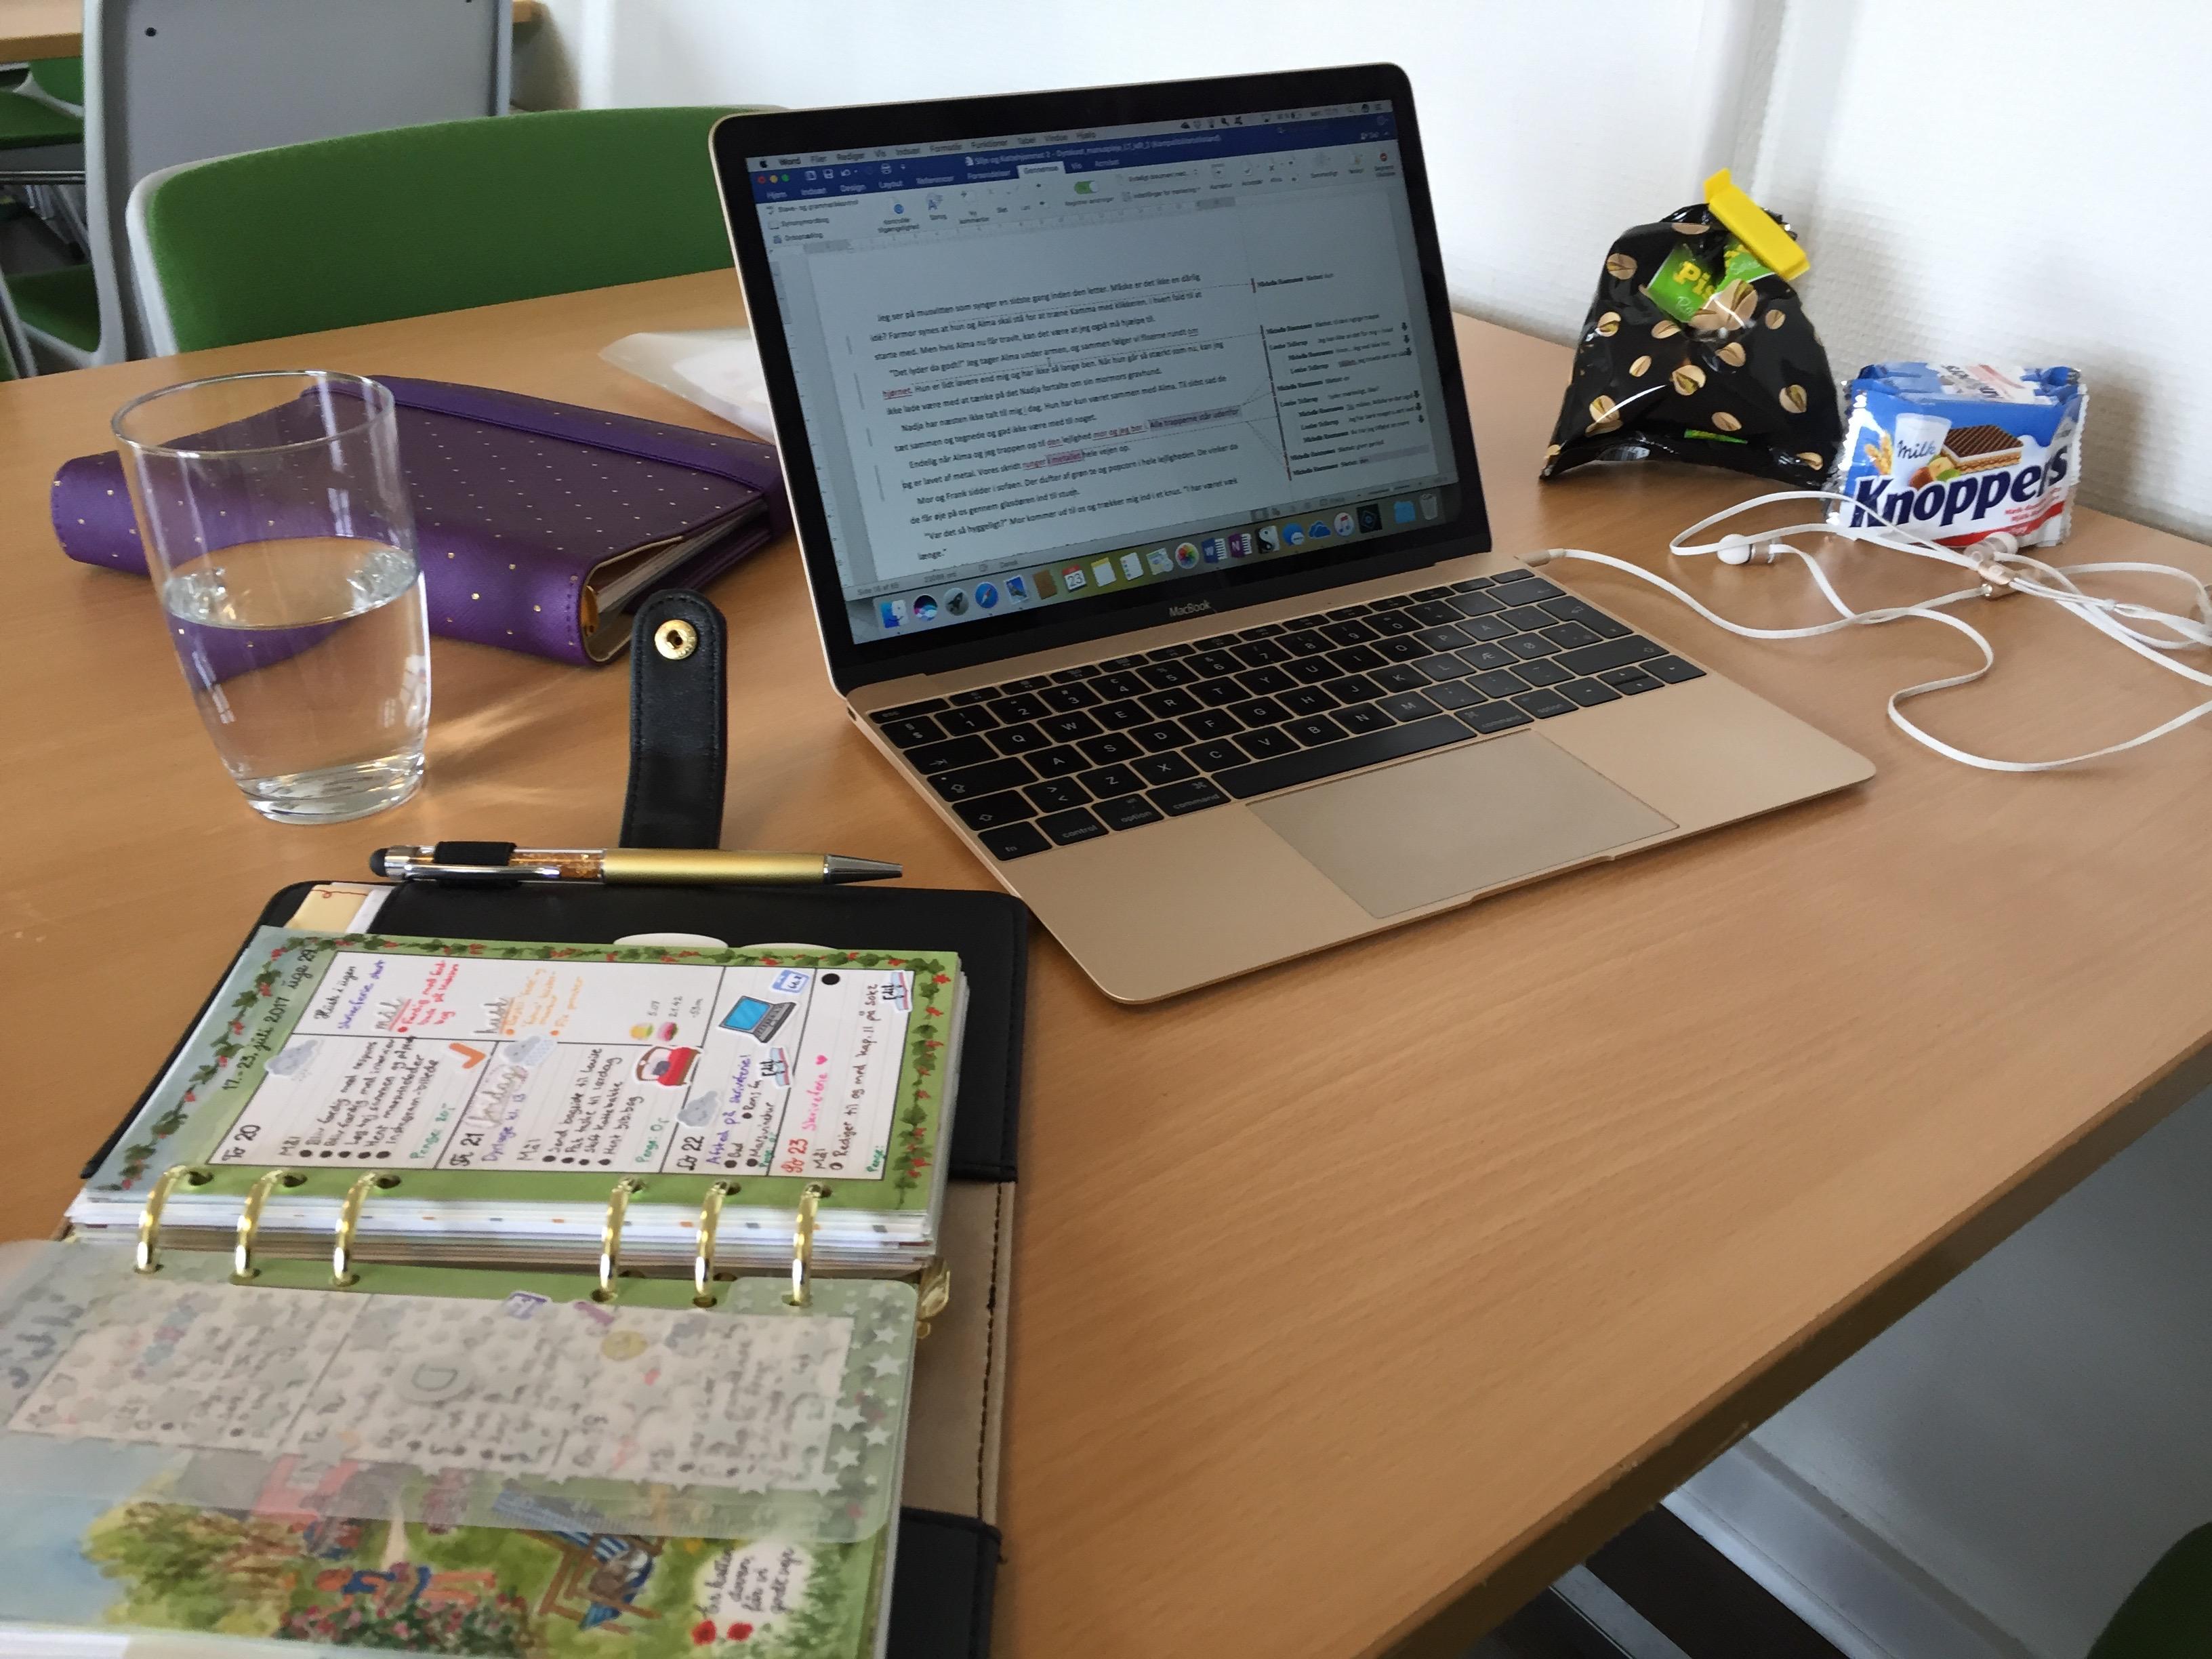 På skriveferie med HUF - Computeren sat op og klar til at redigere.